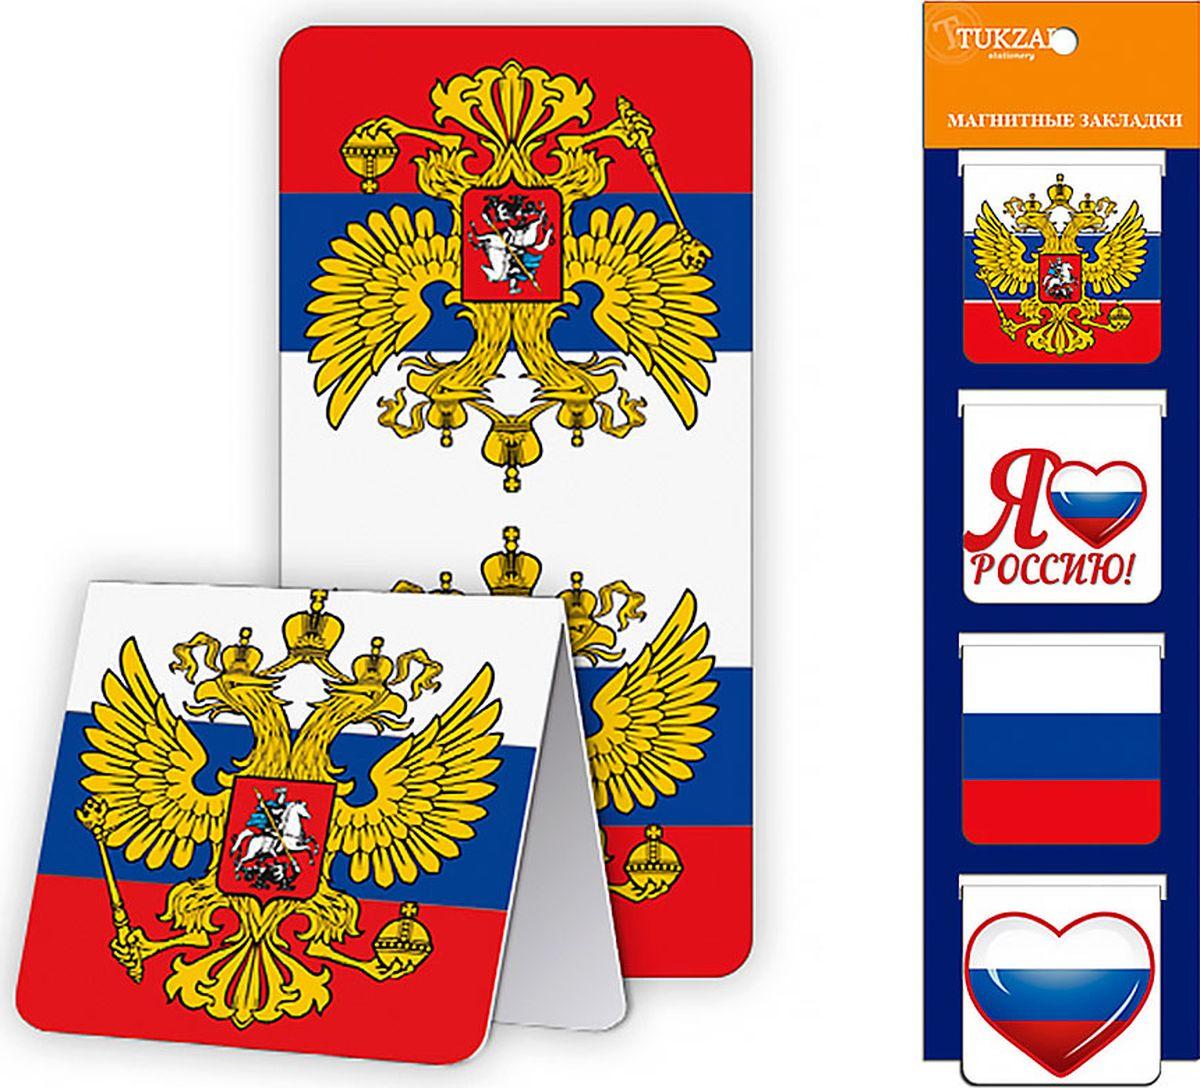 Tukzar Закладка Россия 4 штTZ 7922Магнитная закладка — аксессуар для тех, кто любит читать и хранить информацию в бумажном виде. Она удобна в использовании, не потеряется и не выпадет из книги или блокнота.